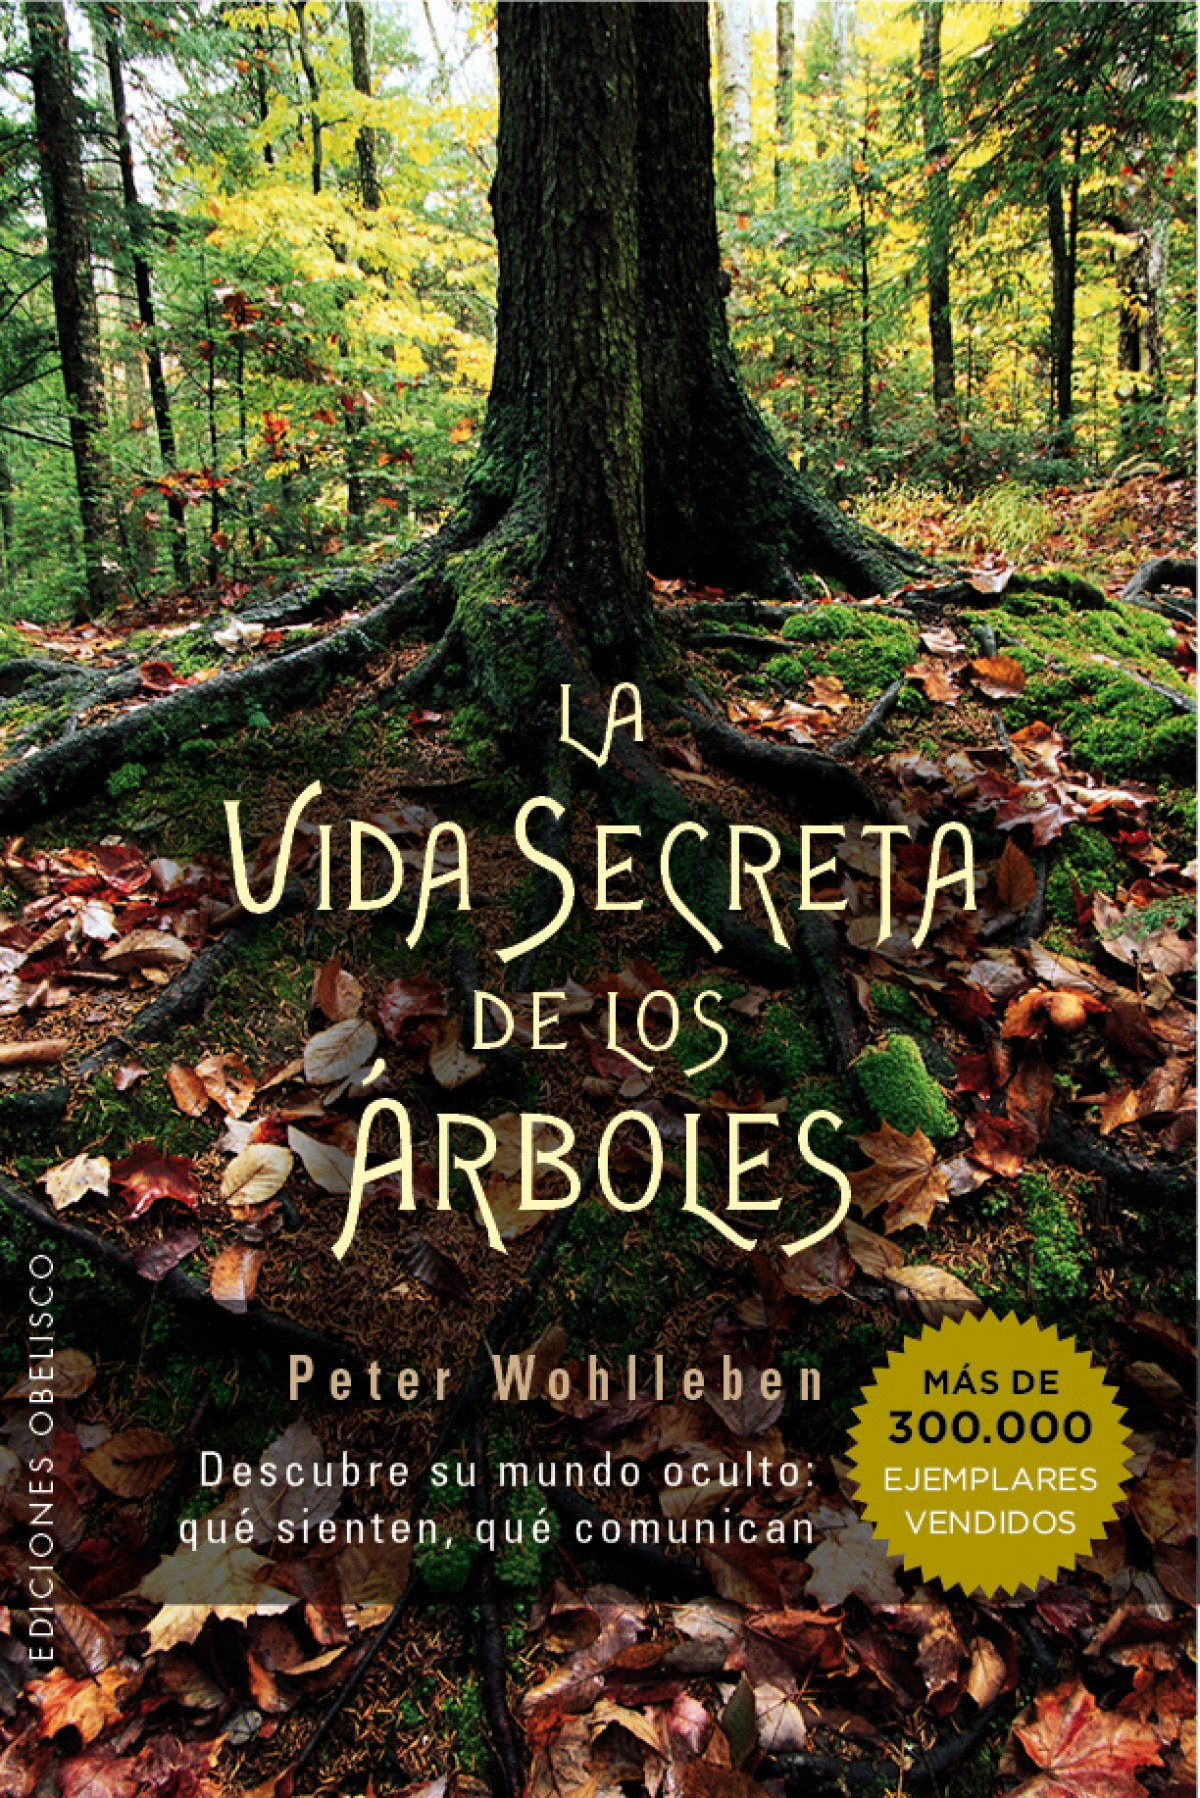 LA VIDA SECRETA DE LOS ARBOLES 9788491110835